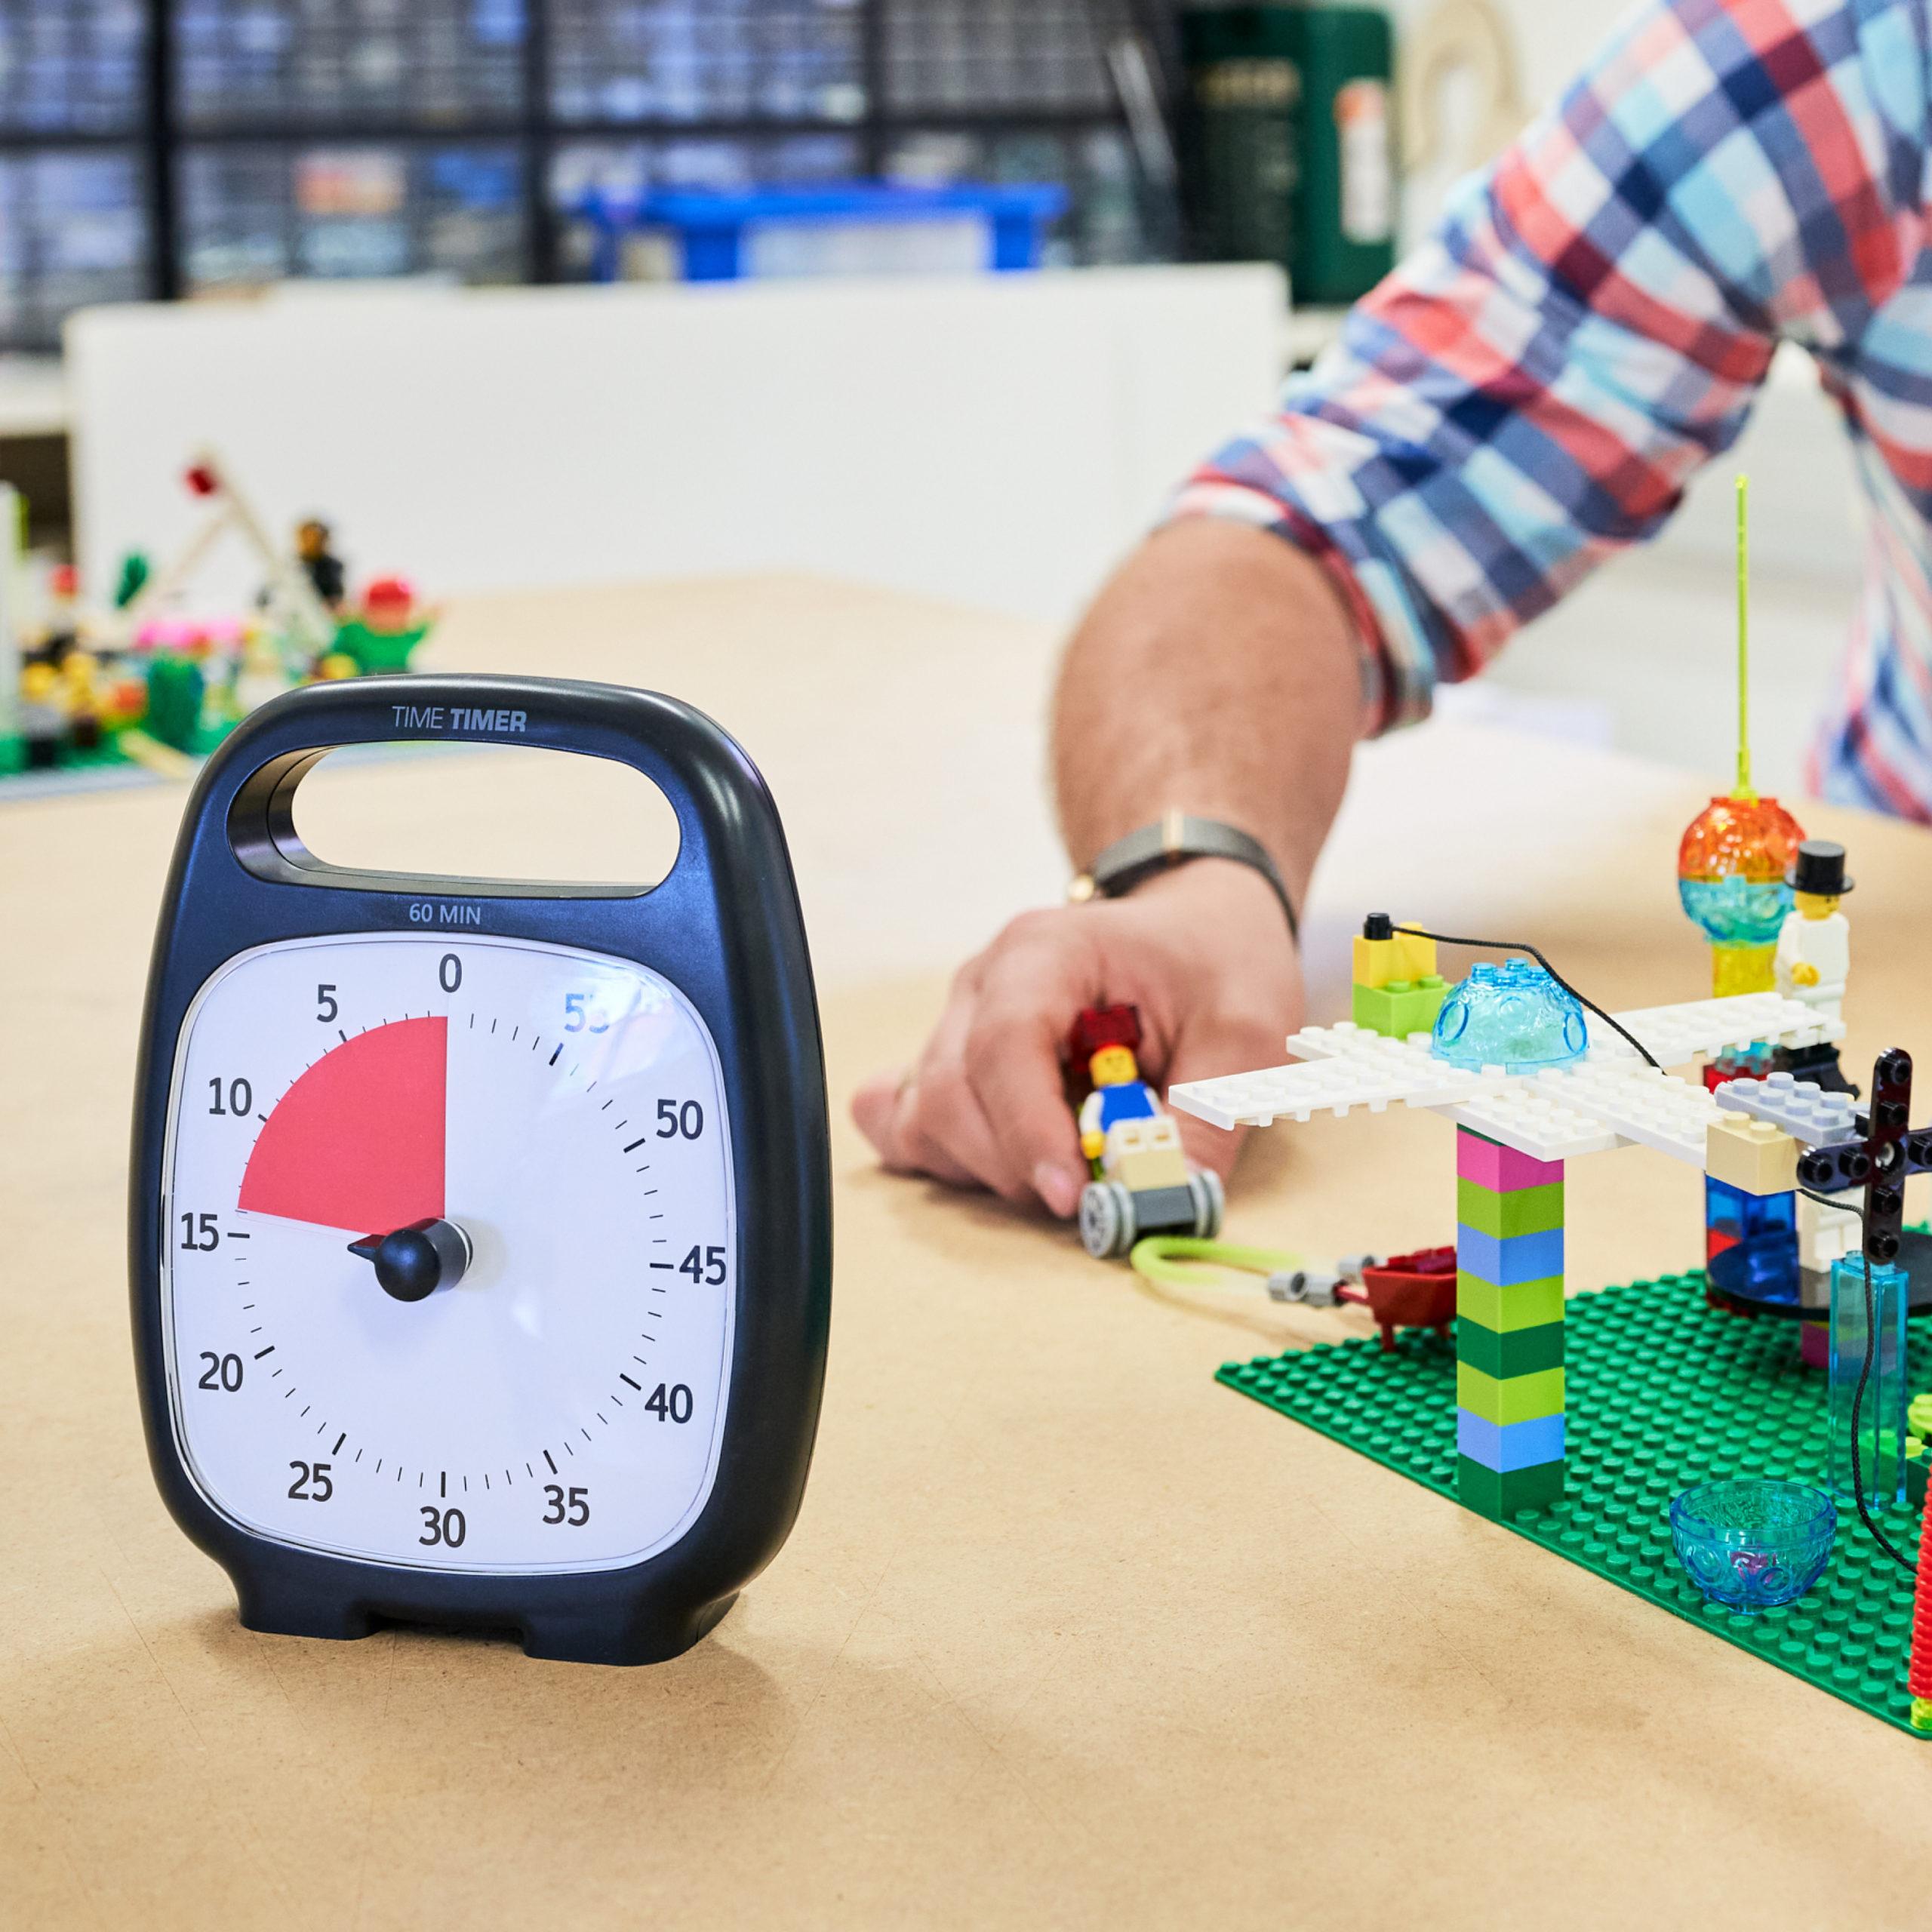 Foto von Stoppuhr beim Lego Bauen | Manuel Grassler - LEGO Serious Play Facilitator & Experte für Veränderungsprozesse